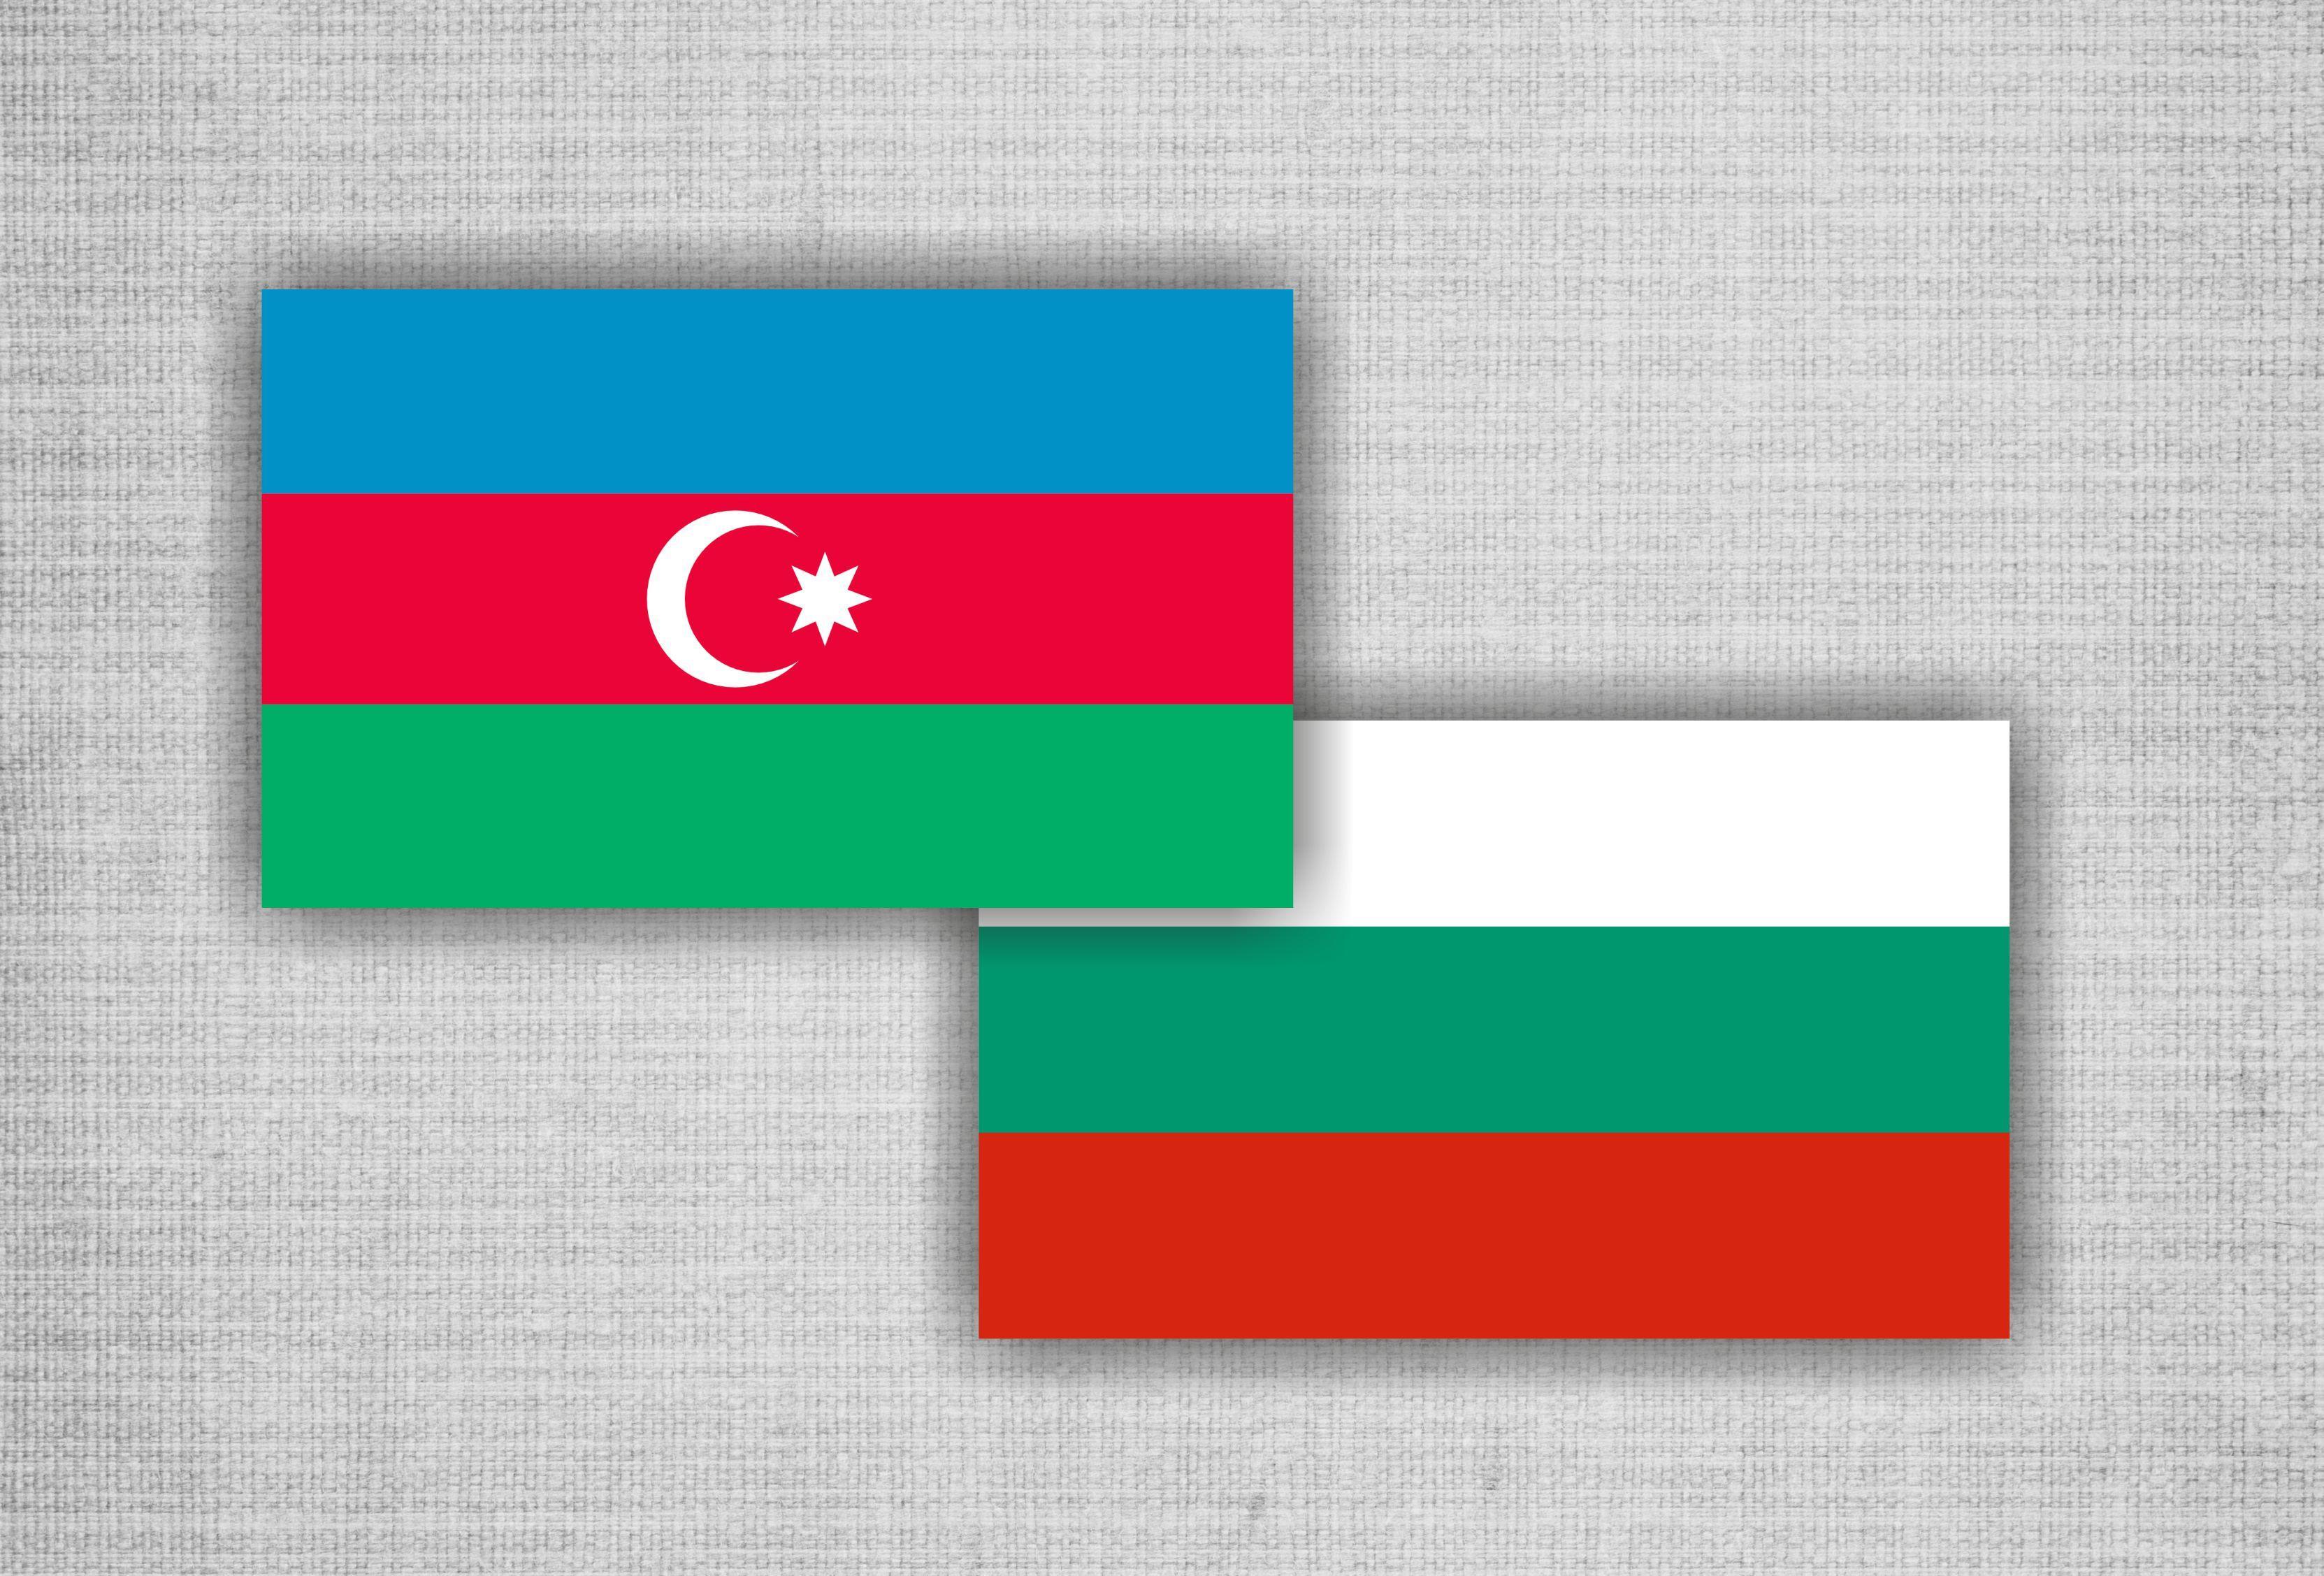 В Софии проходит конференция, посвященная 25-летию дипотношений между Азербайджаном и Болгарией